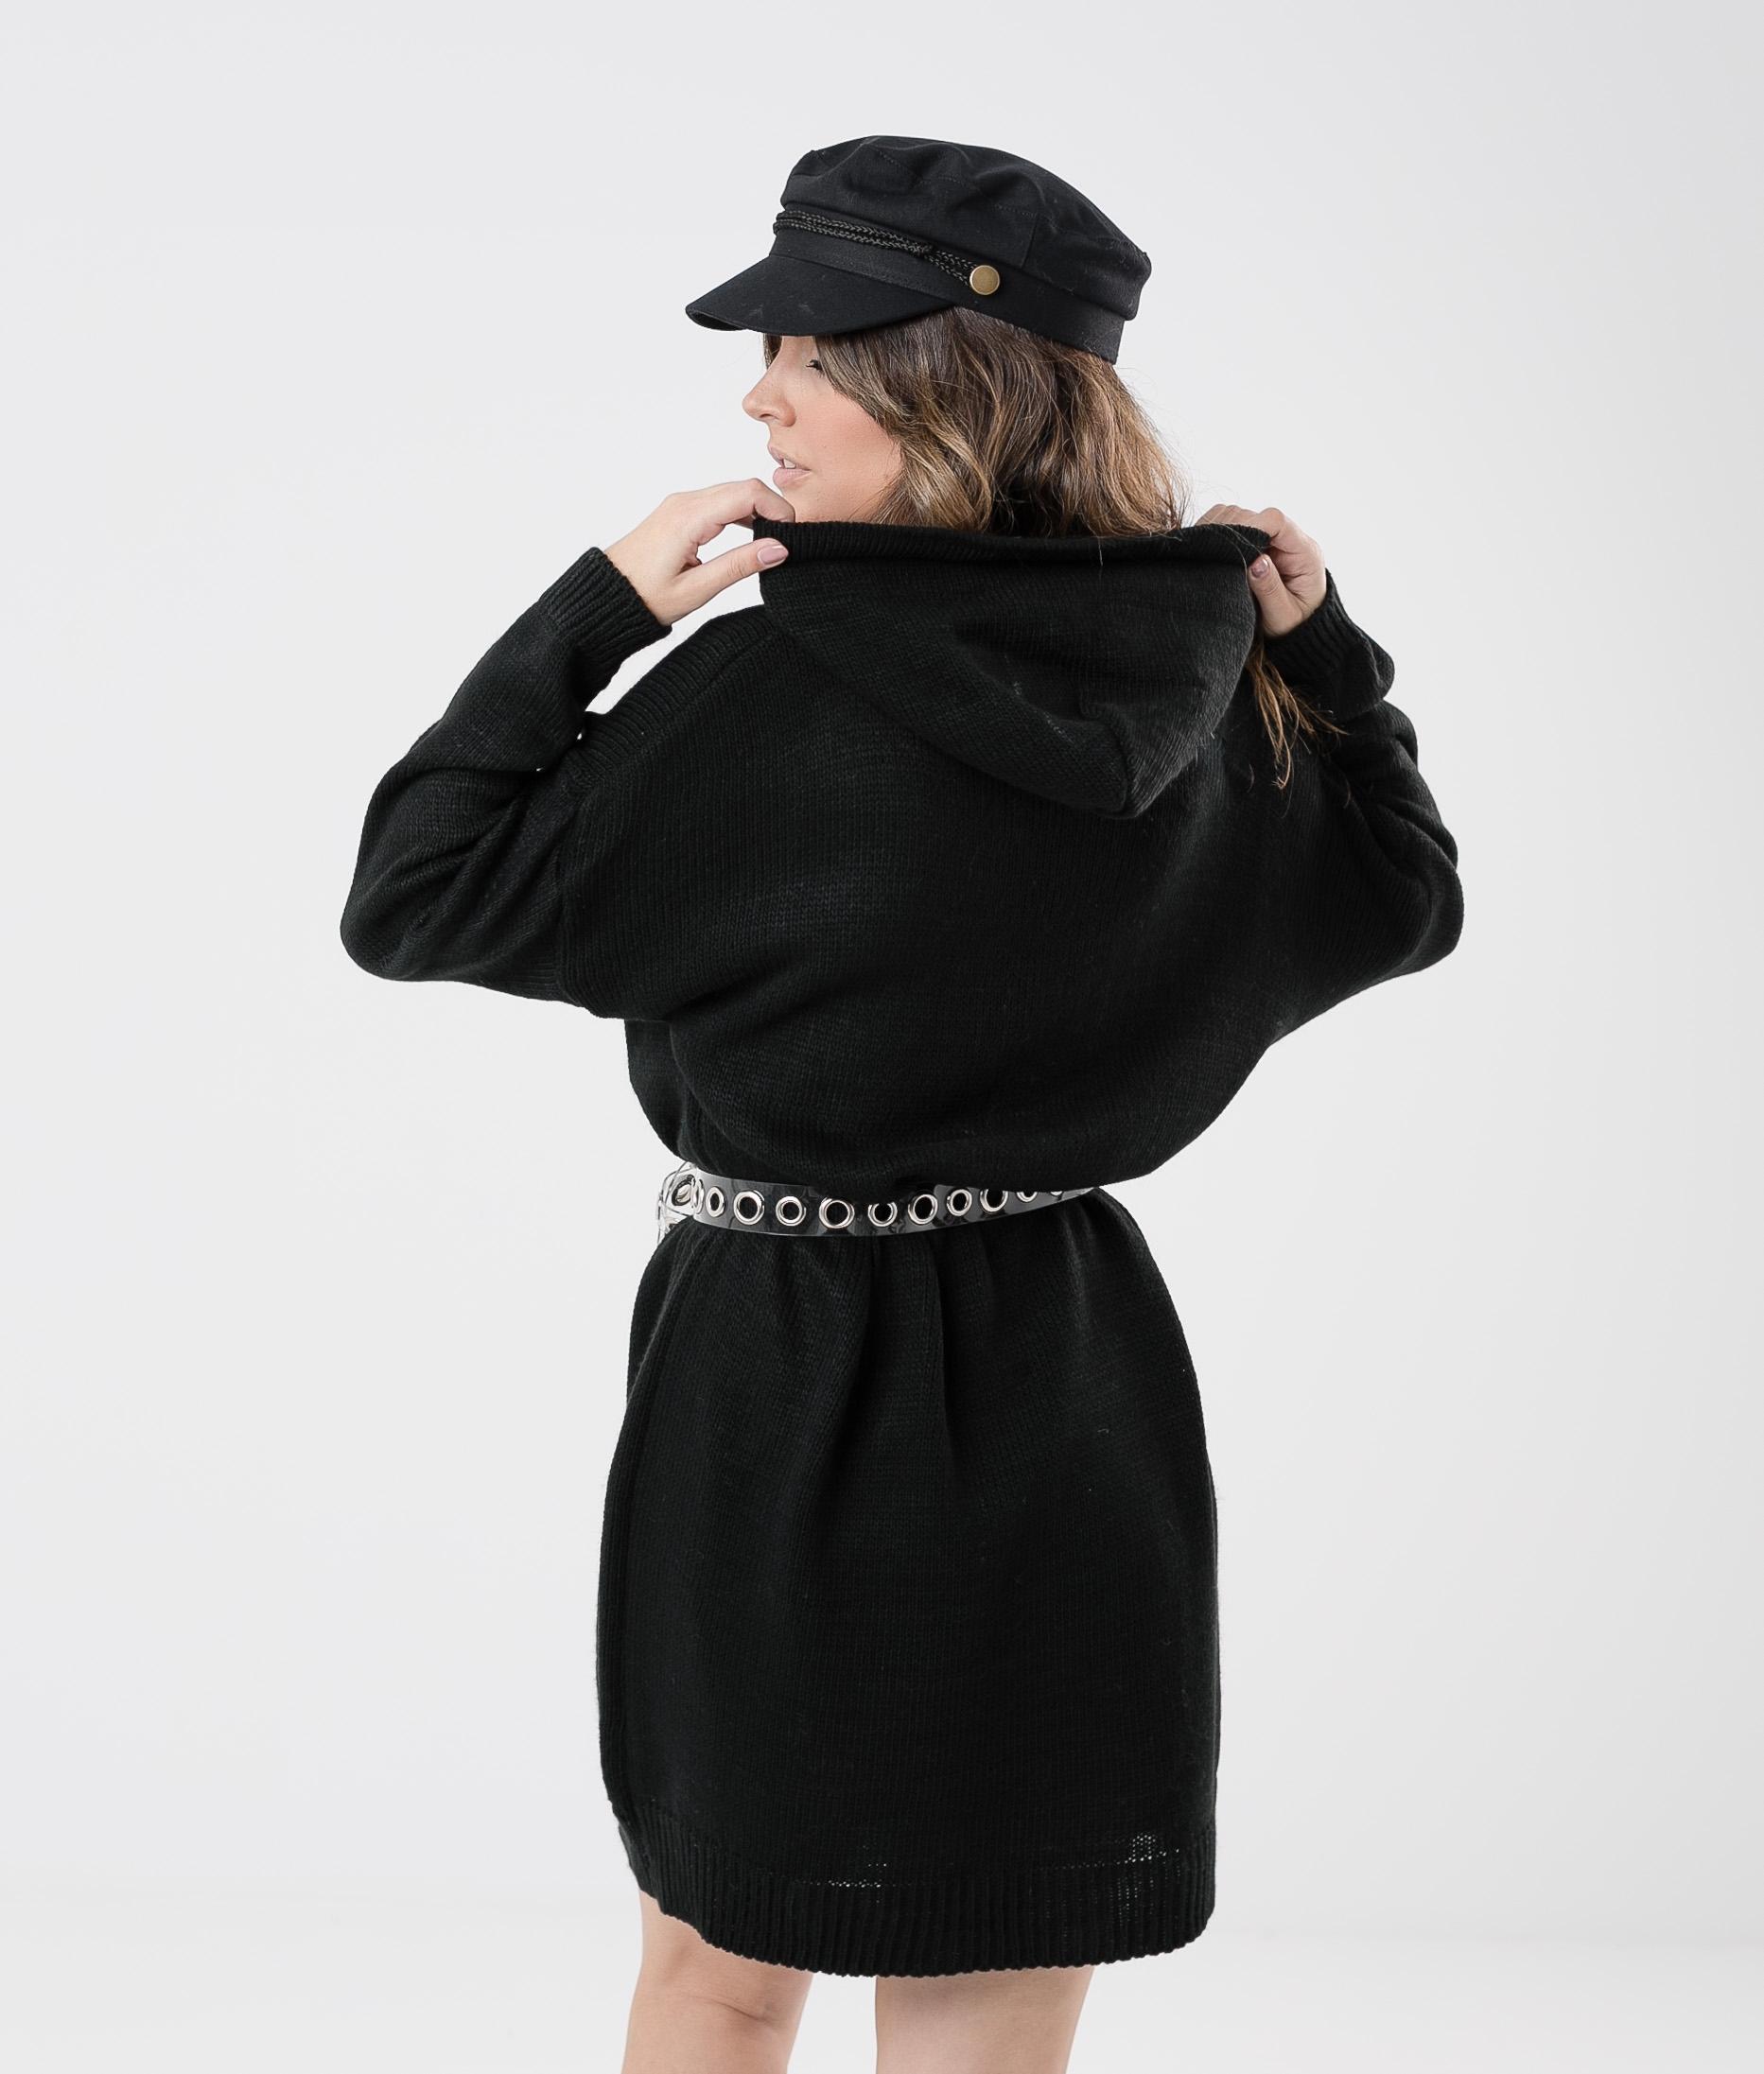 DRESS BERA - BLACK